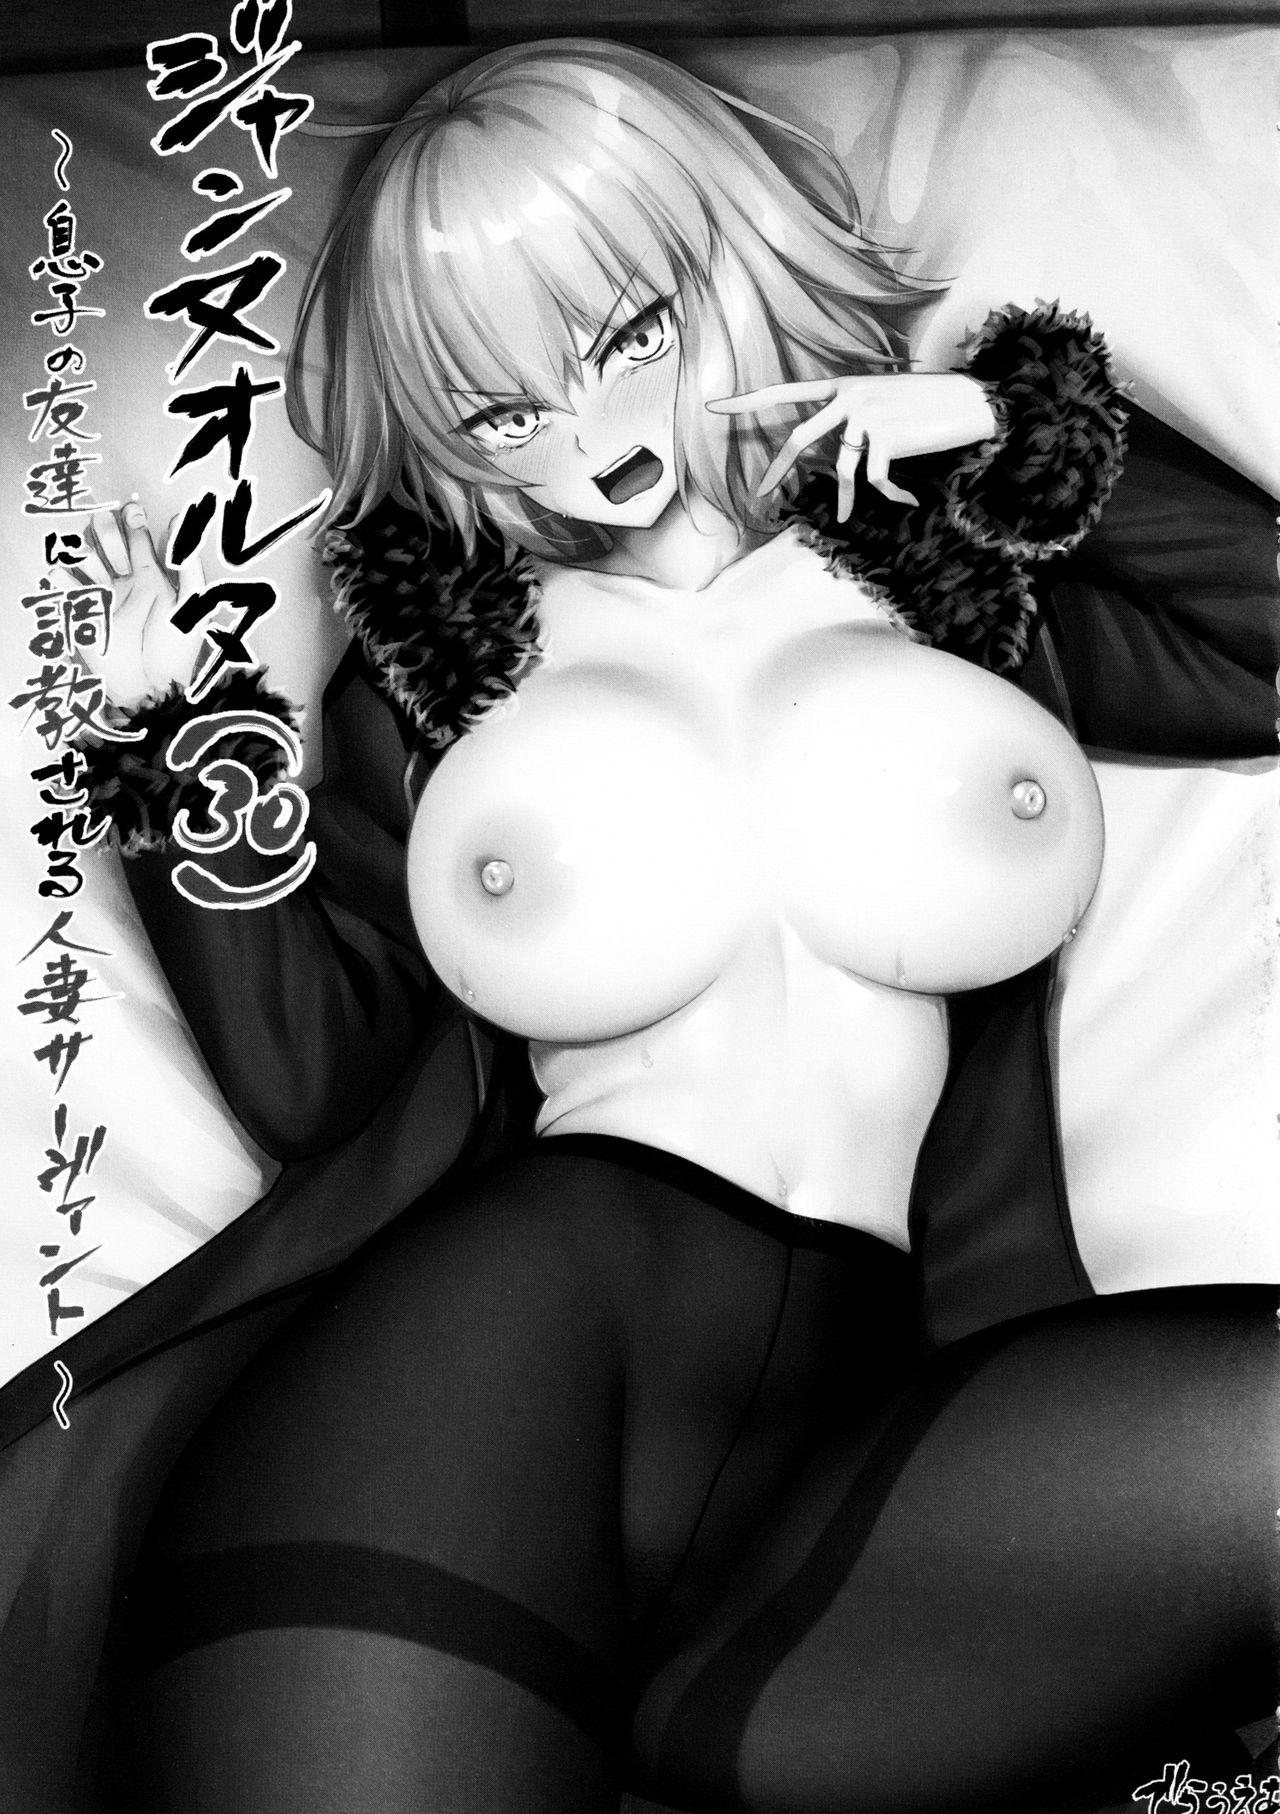 (C97) [Yakiniku Tabetai (Derauea)] Jeanne Alter (32) no Shikyuu Haiboku ~Musuko no Tomodachi ni Tanetsuke o Kongan suru Hitozuma Servant~ (Fate/Grand Order) 1